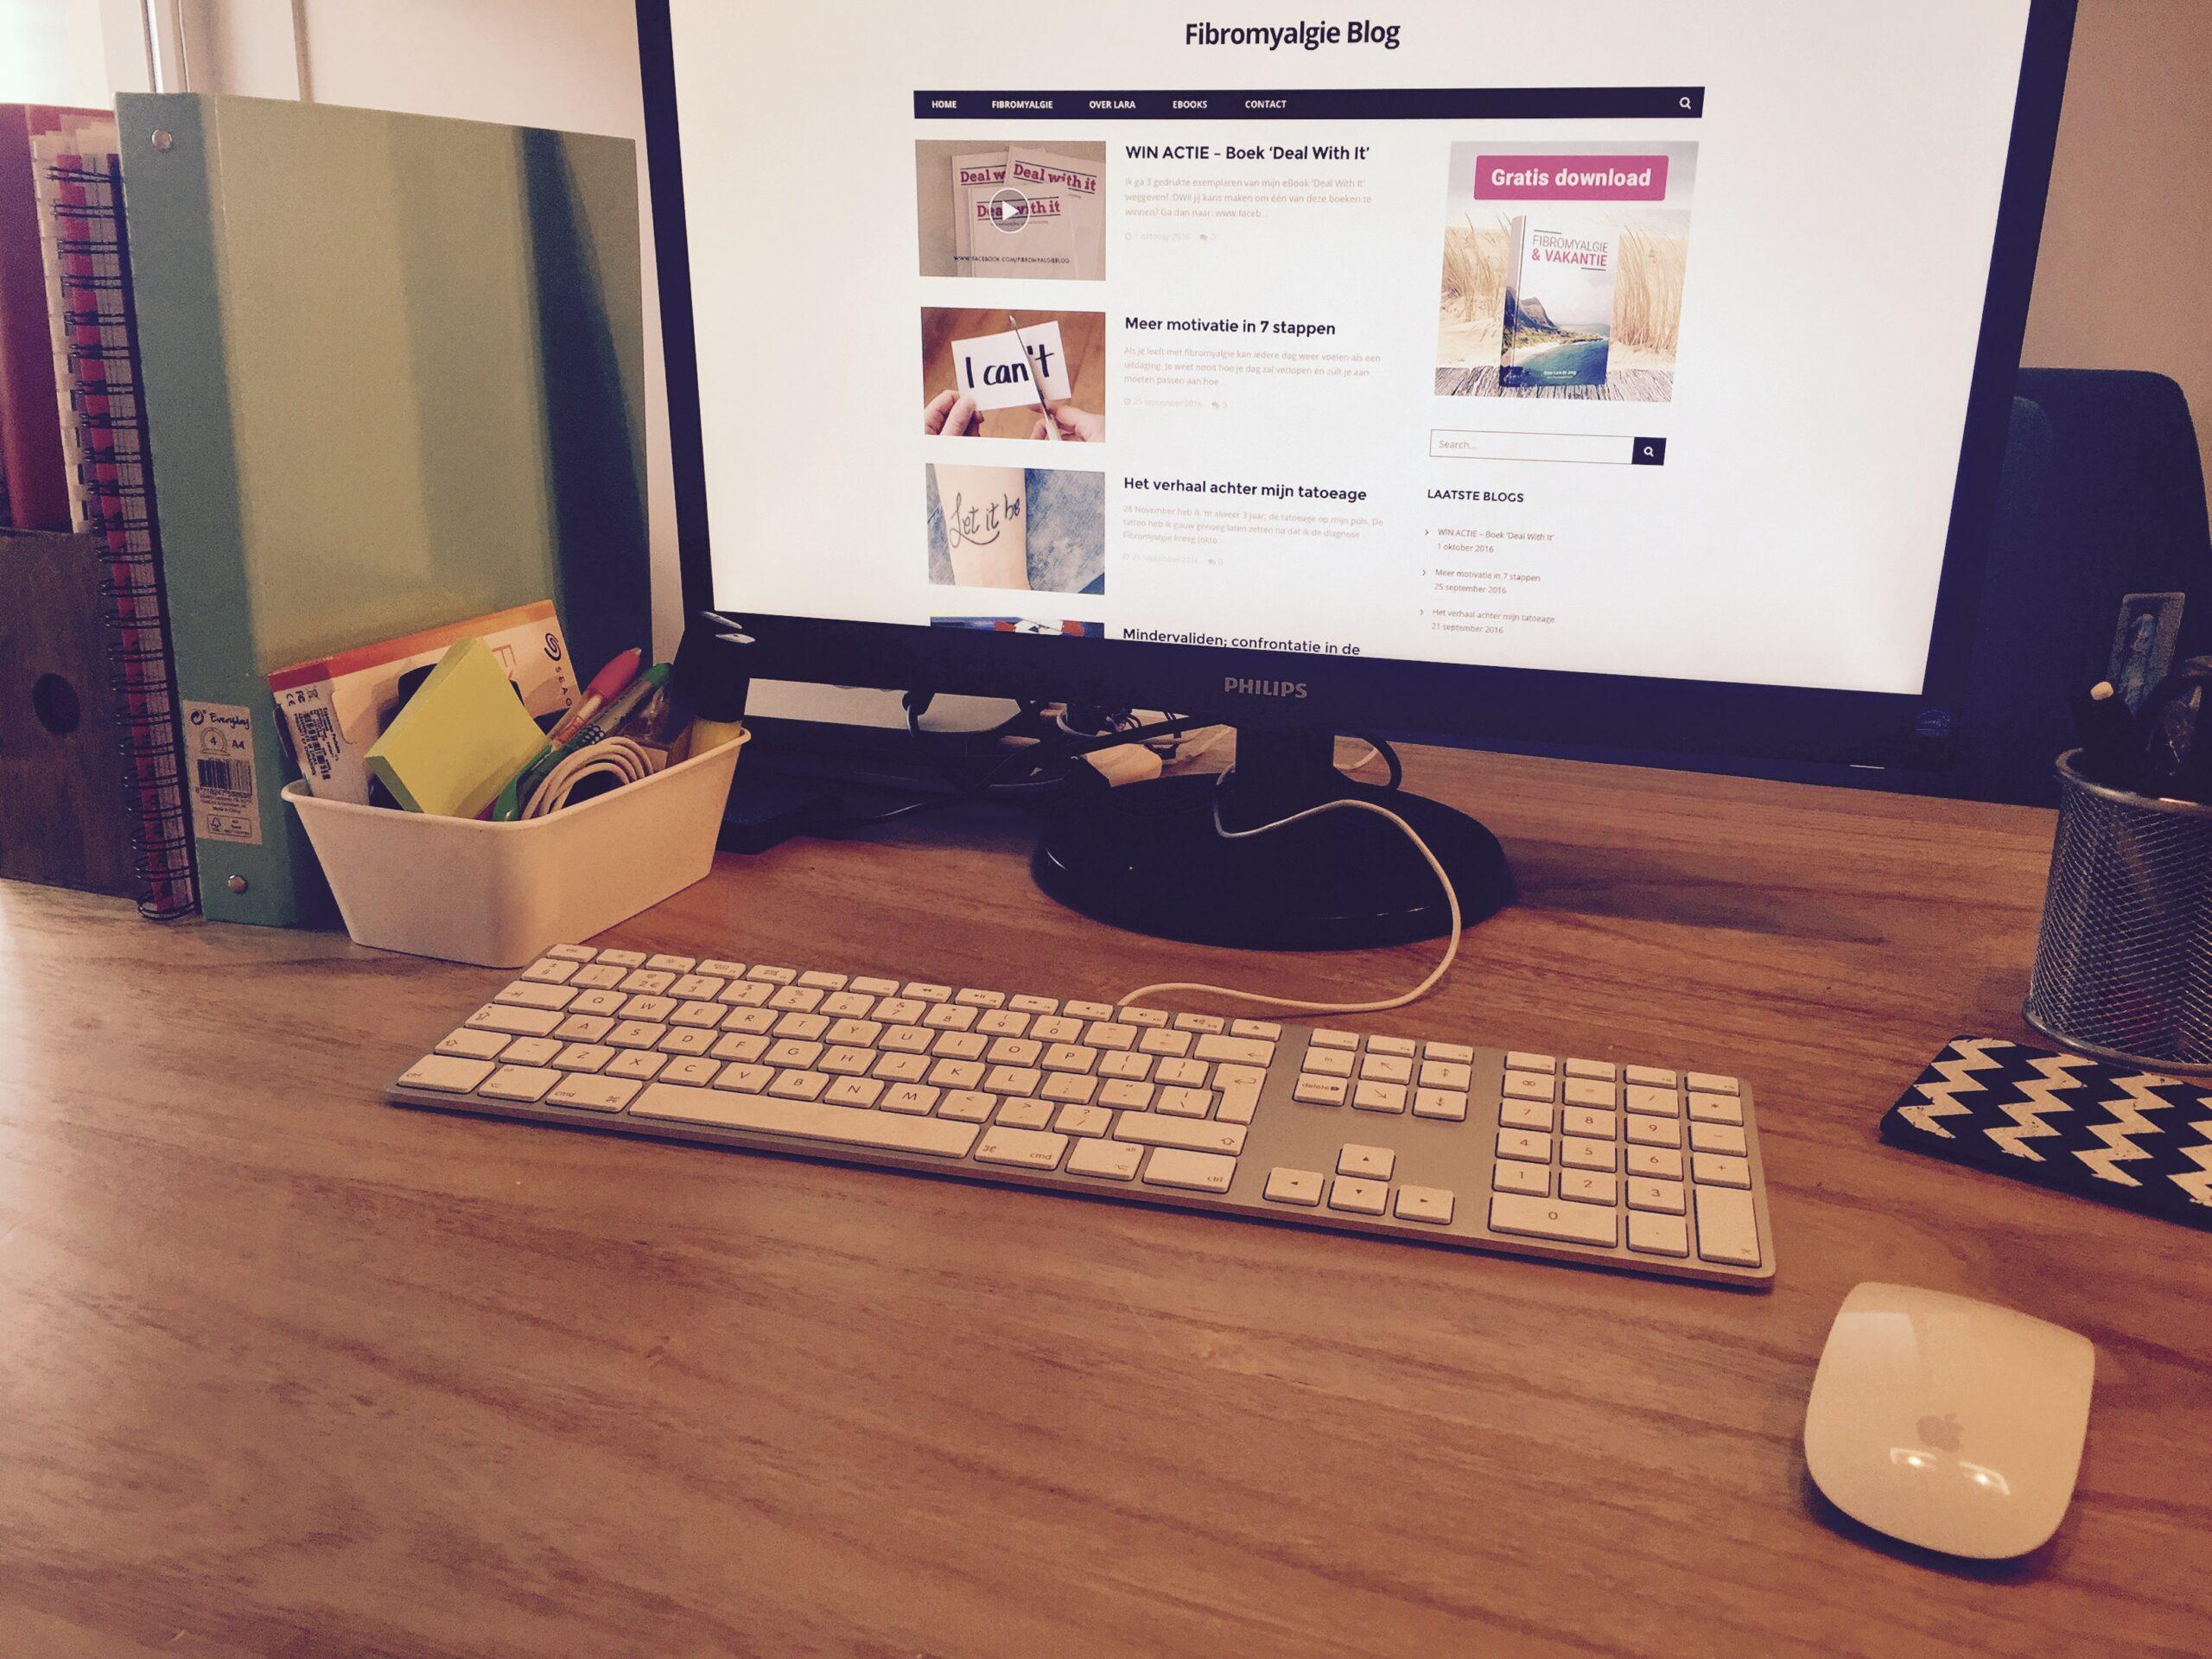 opruimen-schoonmaken-werkplek-fibromyalgieblog